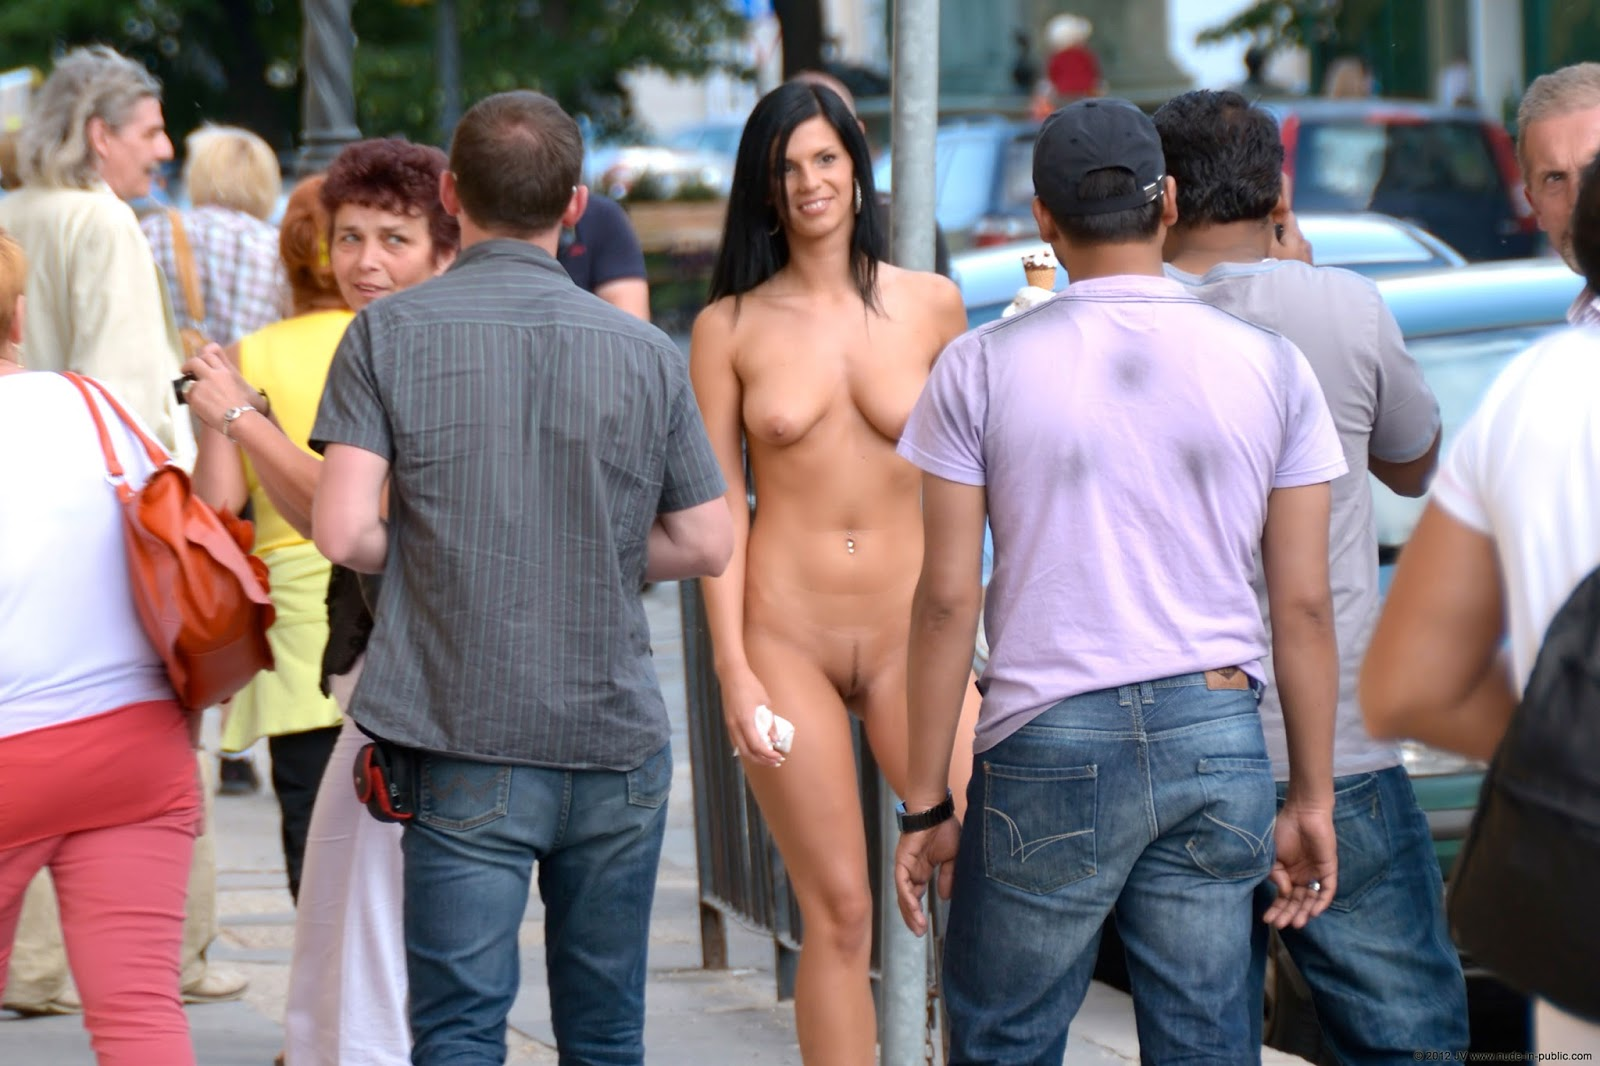 james gandolfini nude scene